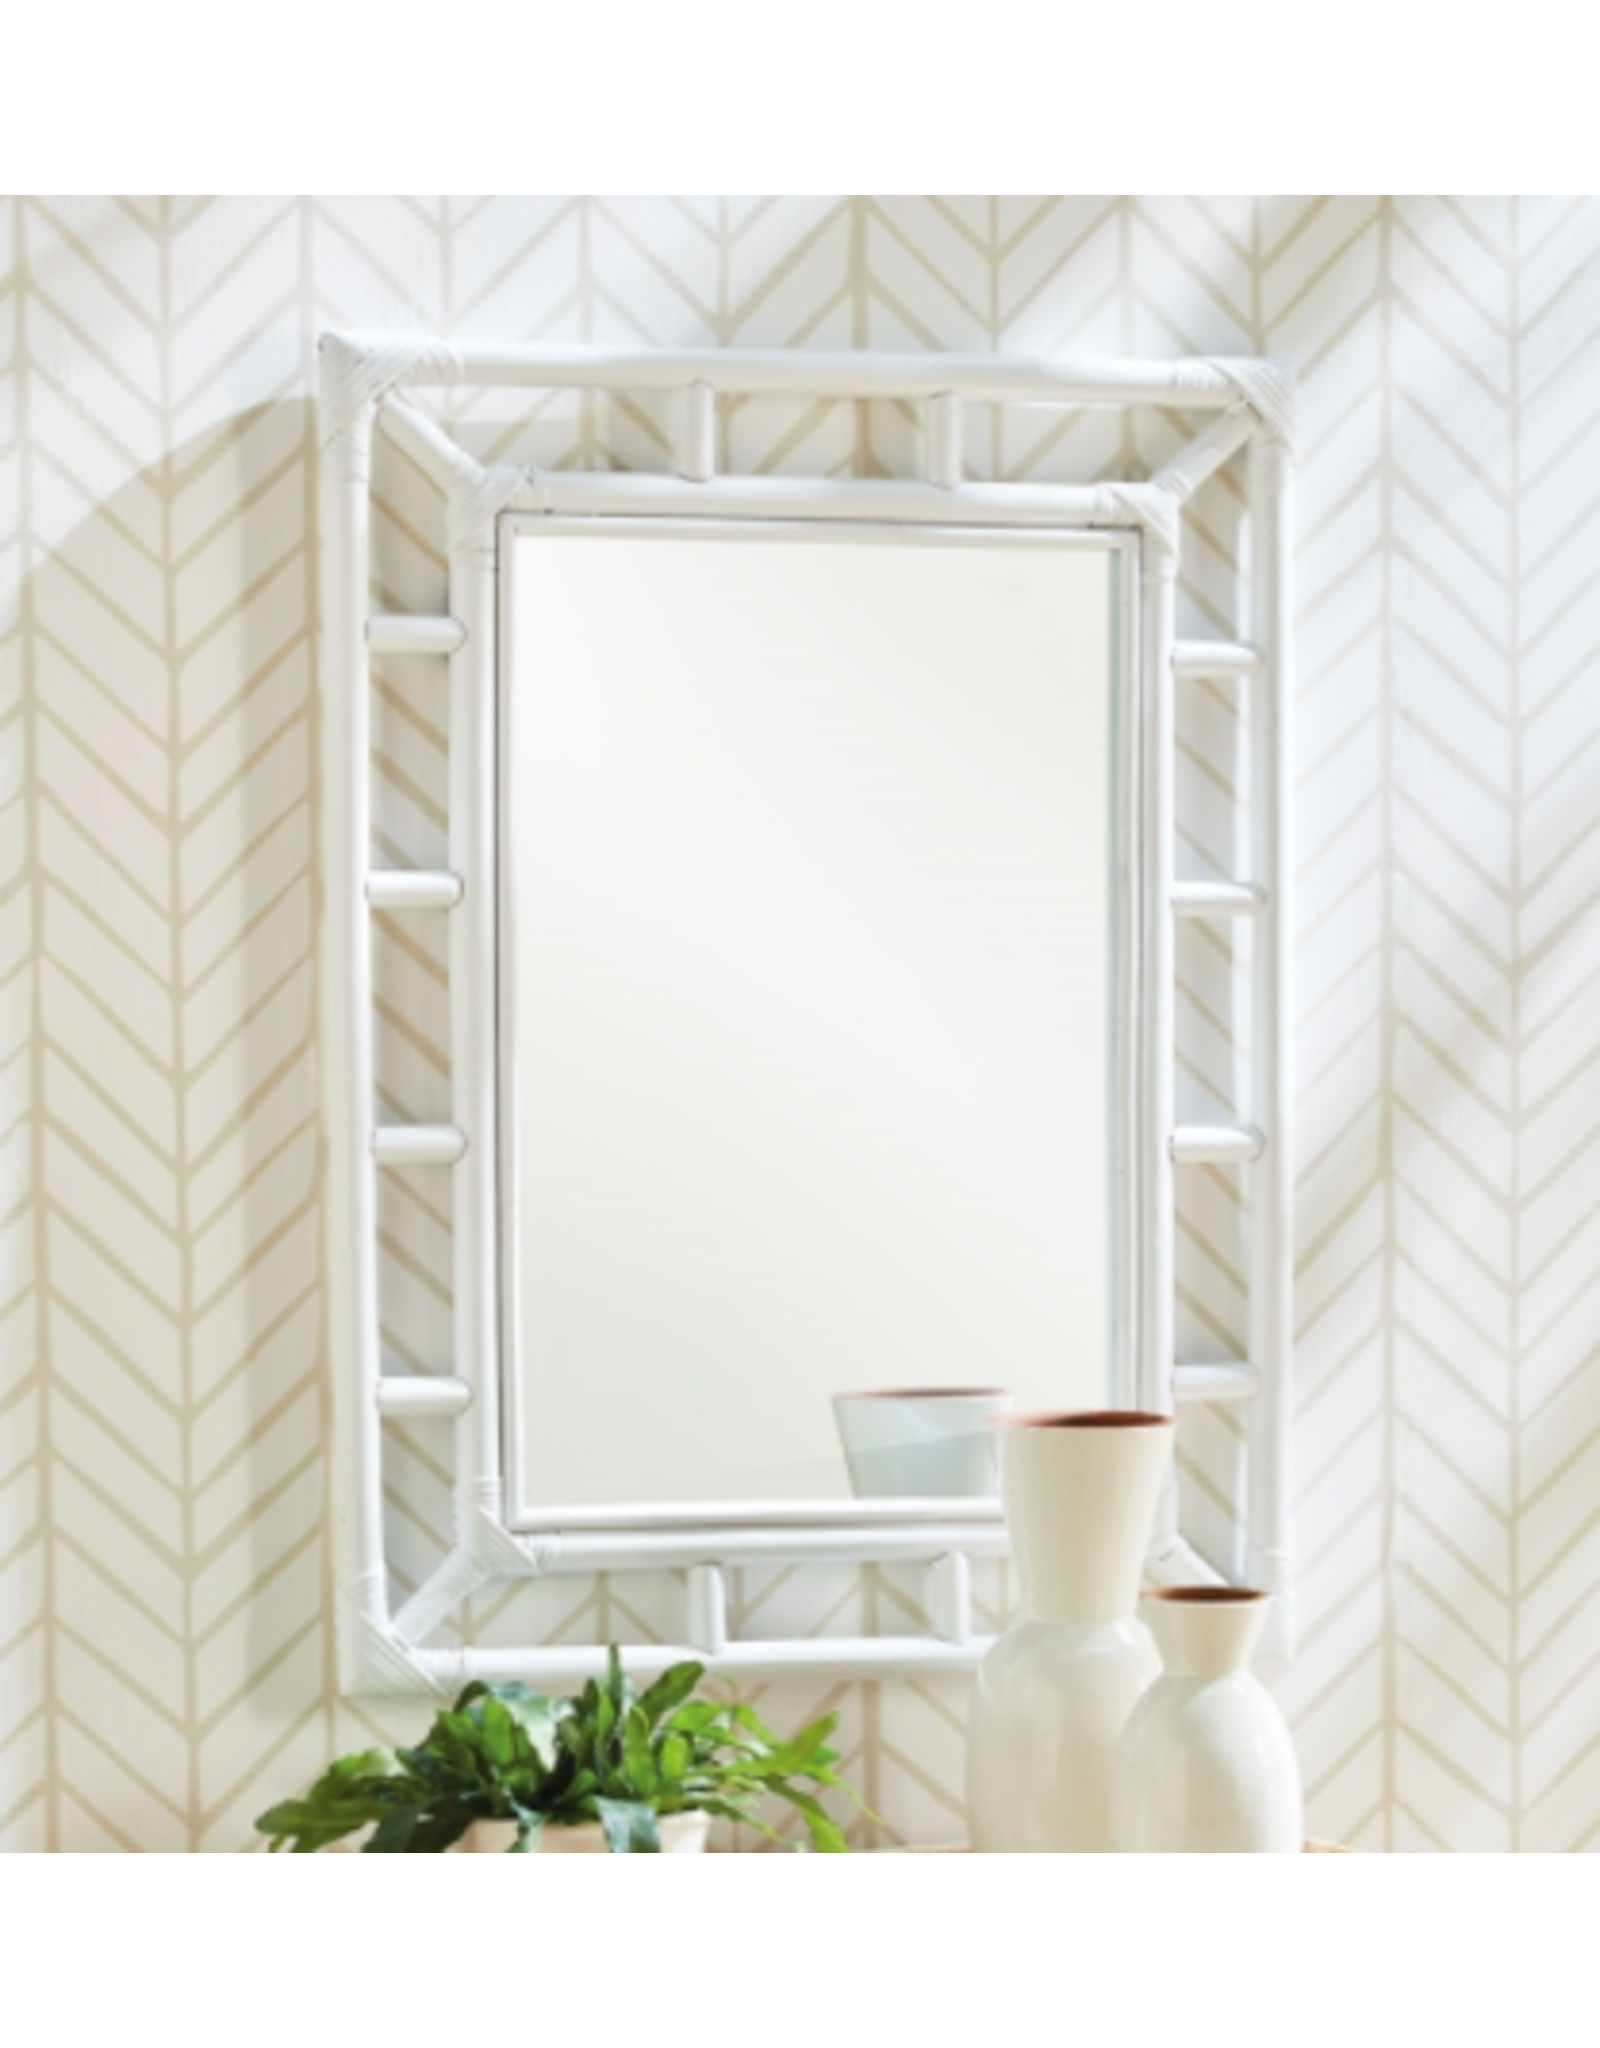 Napa Home & Garden Bali Mirror